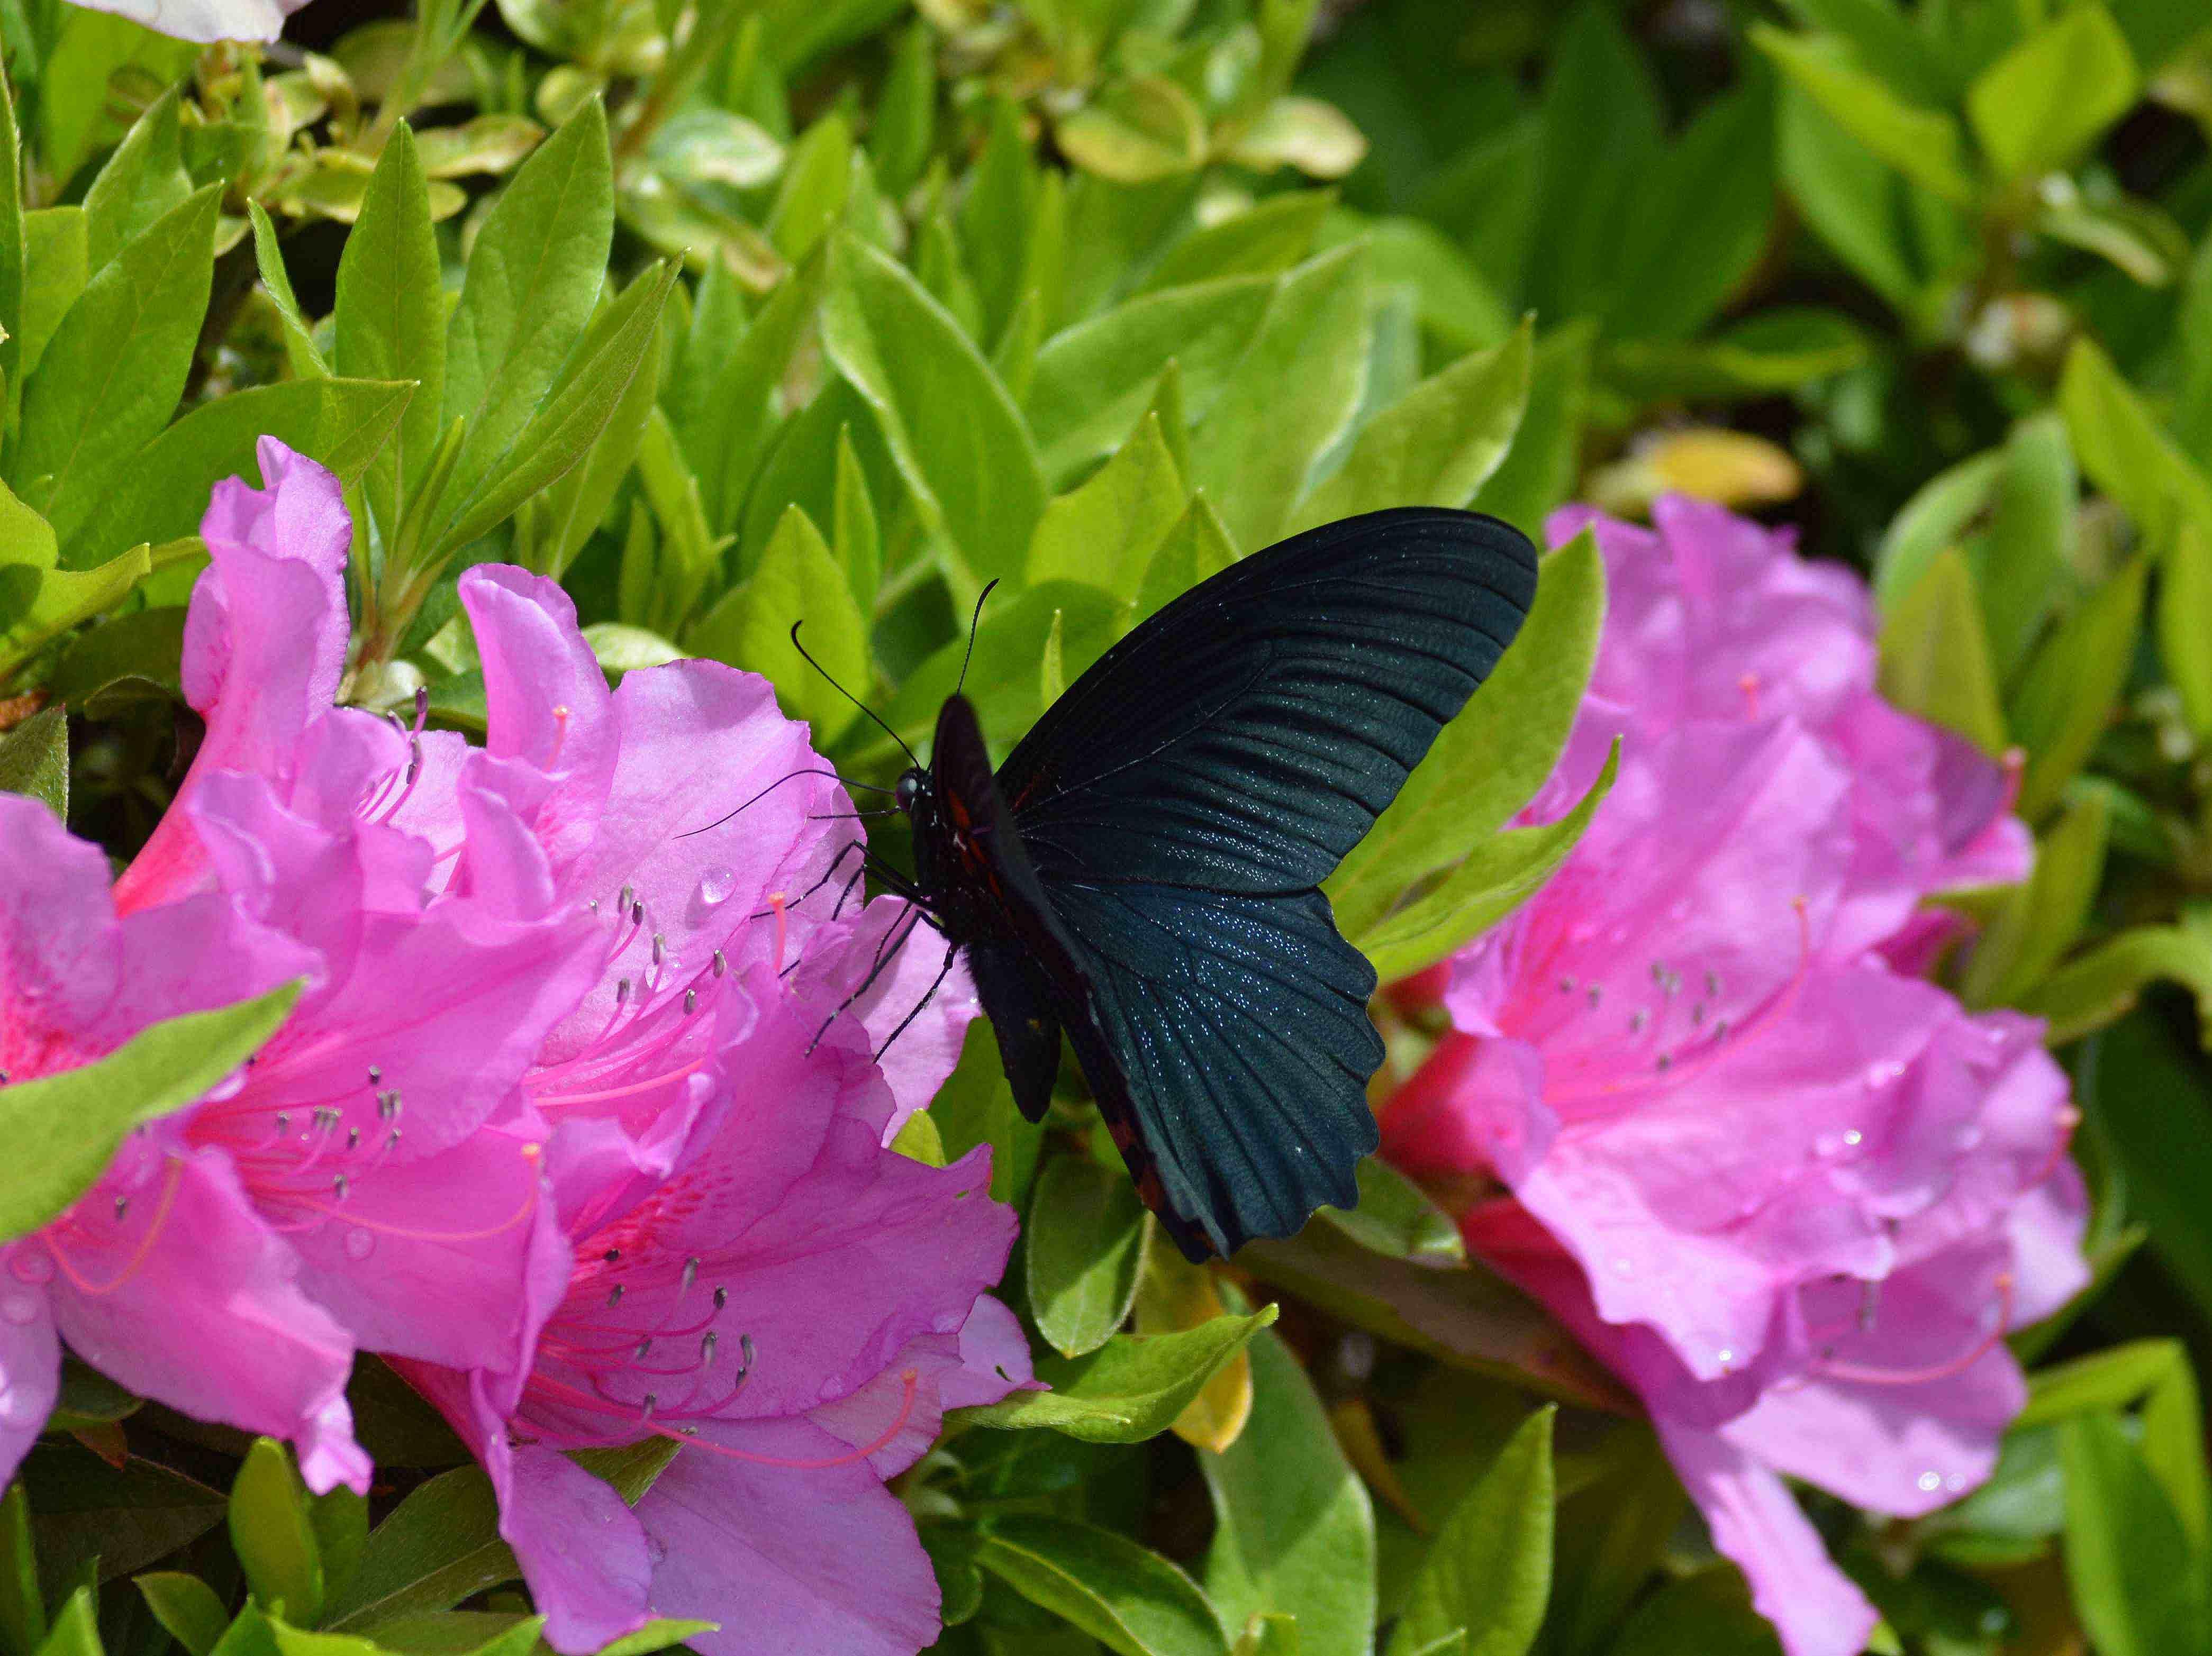 ナガサキアゲハ 超巨大な蝶です_d0254540_134058.jpg